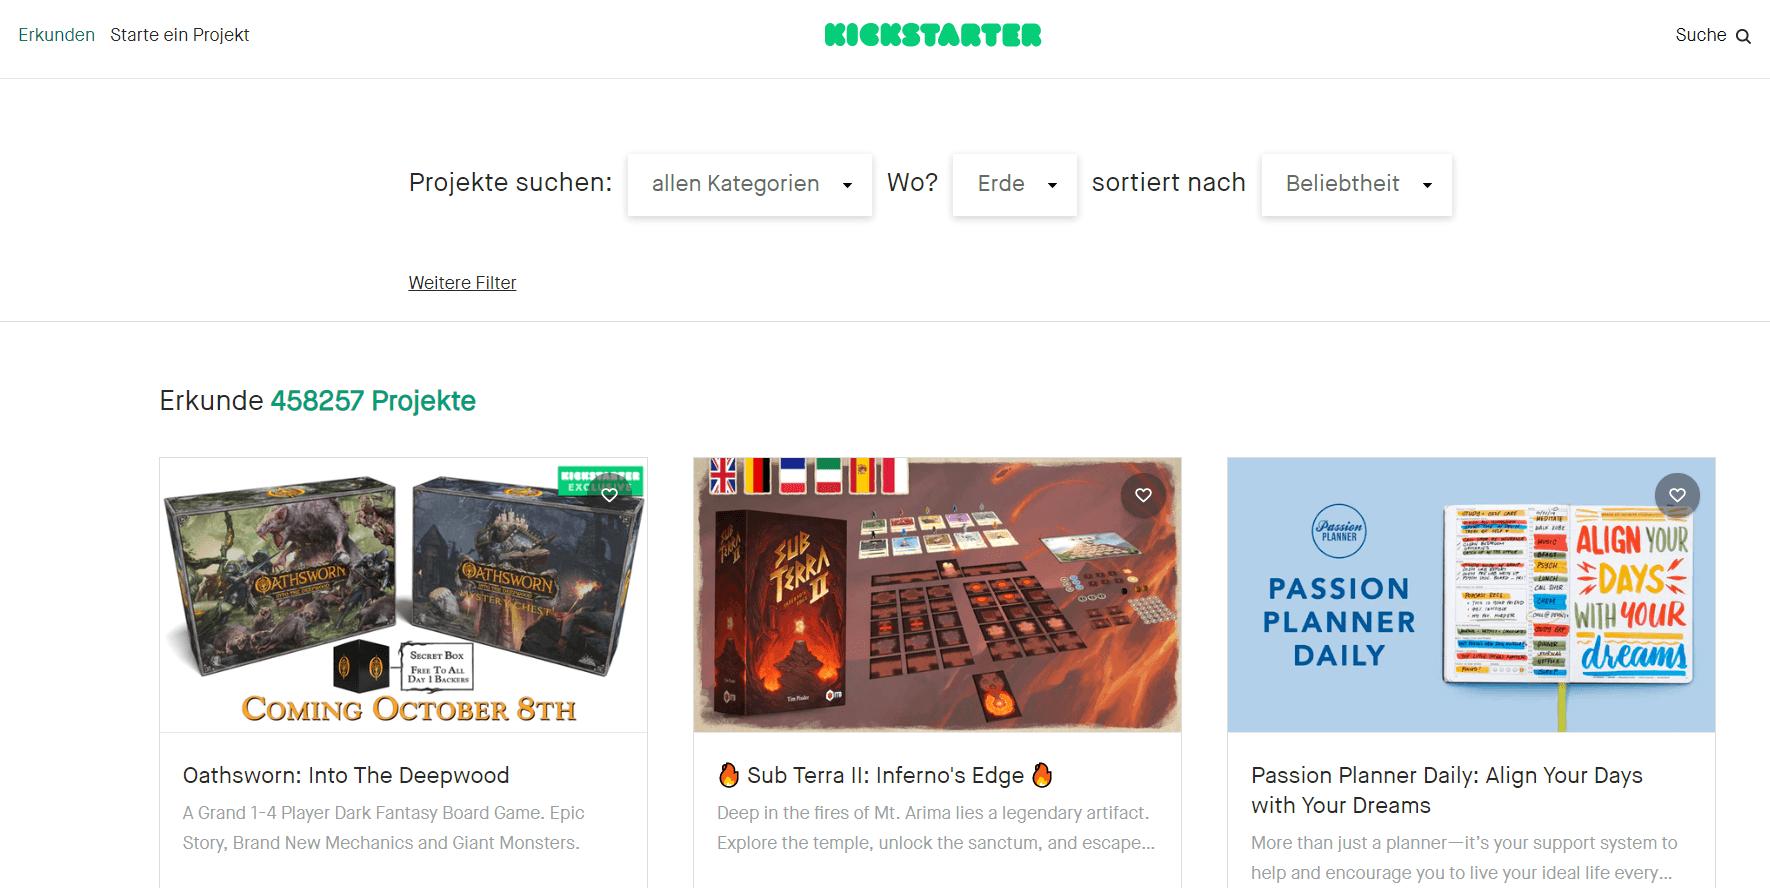 Trendkampagnen auf Kickstarter